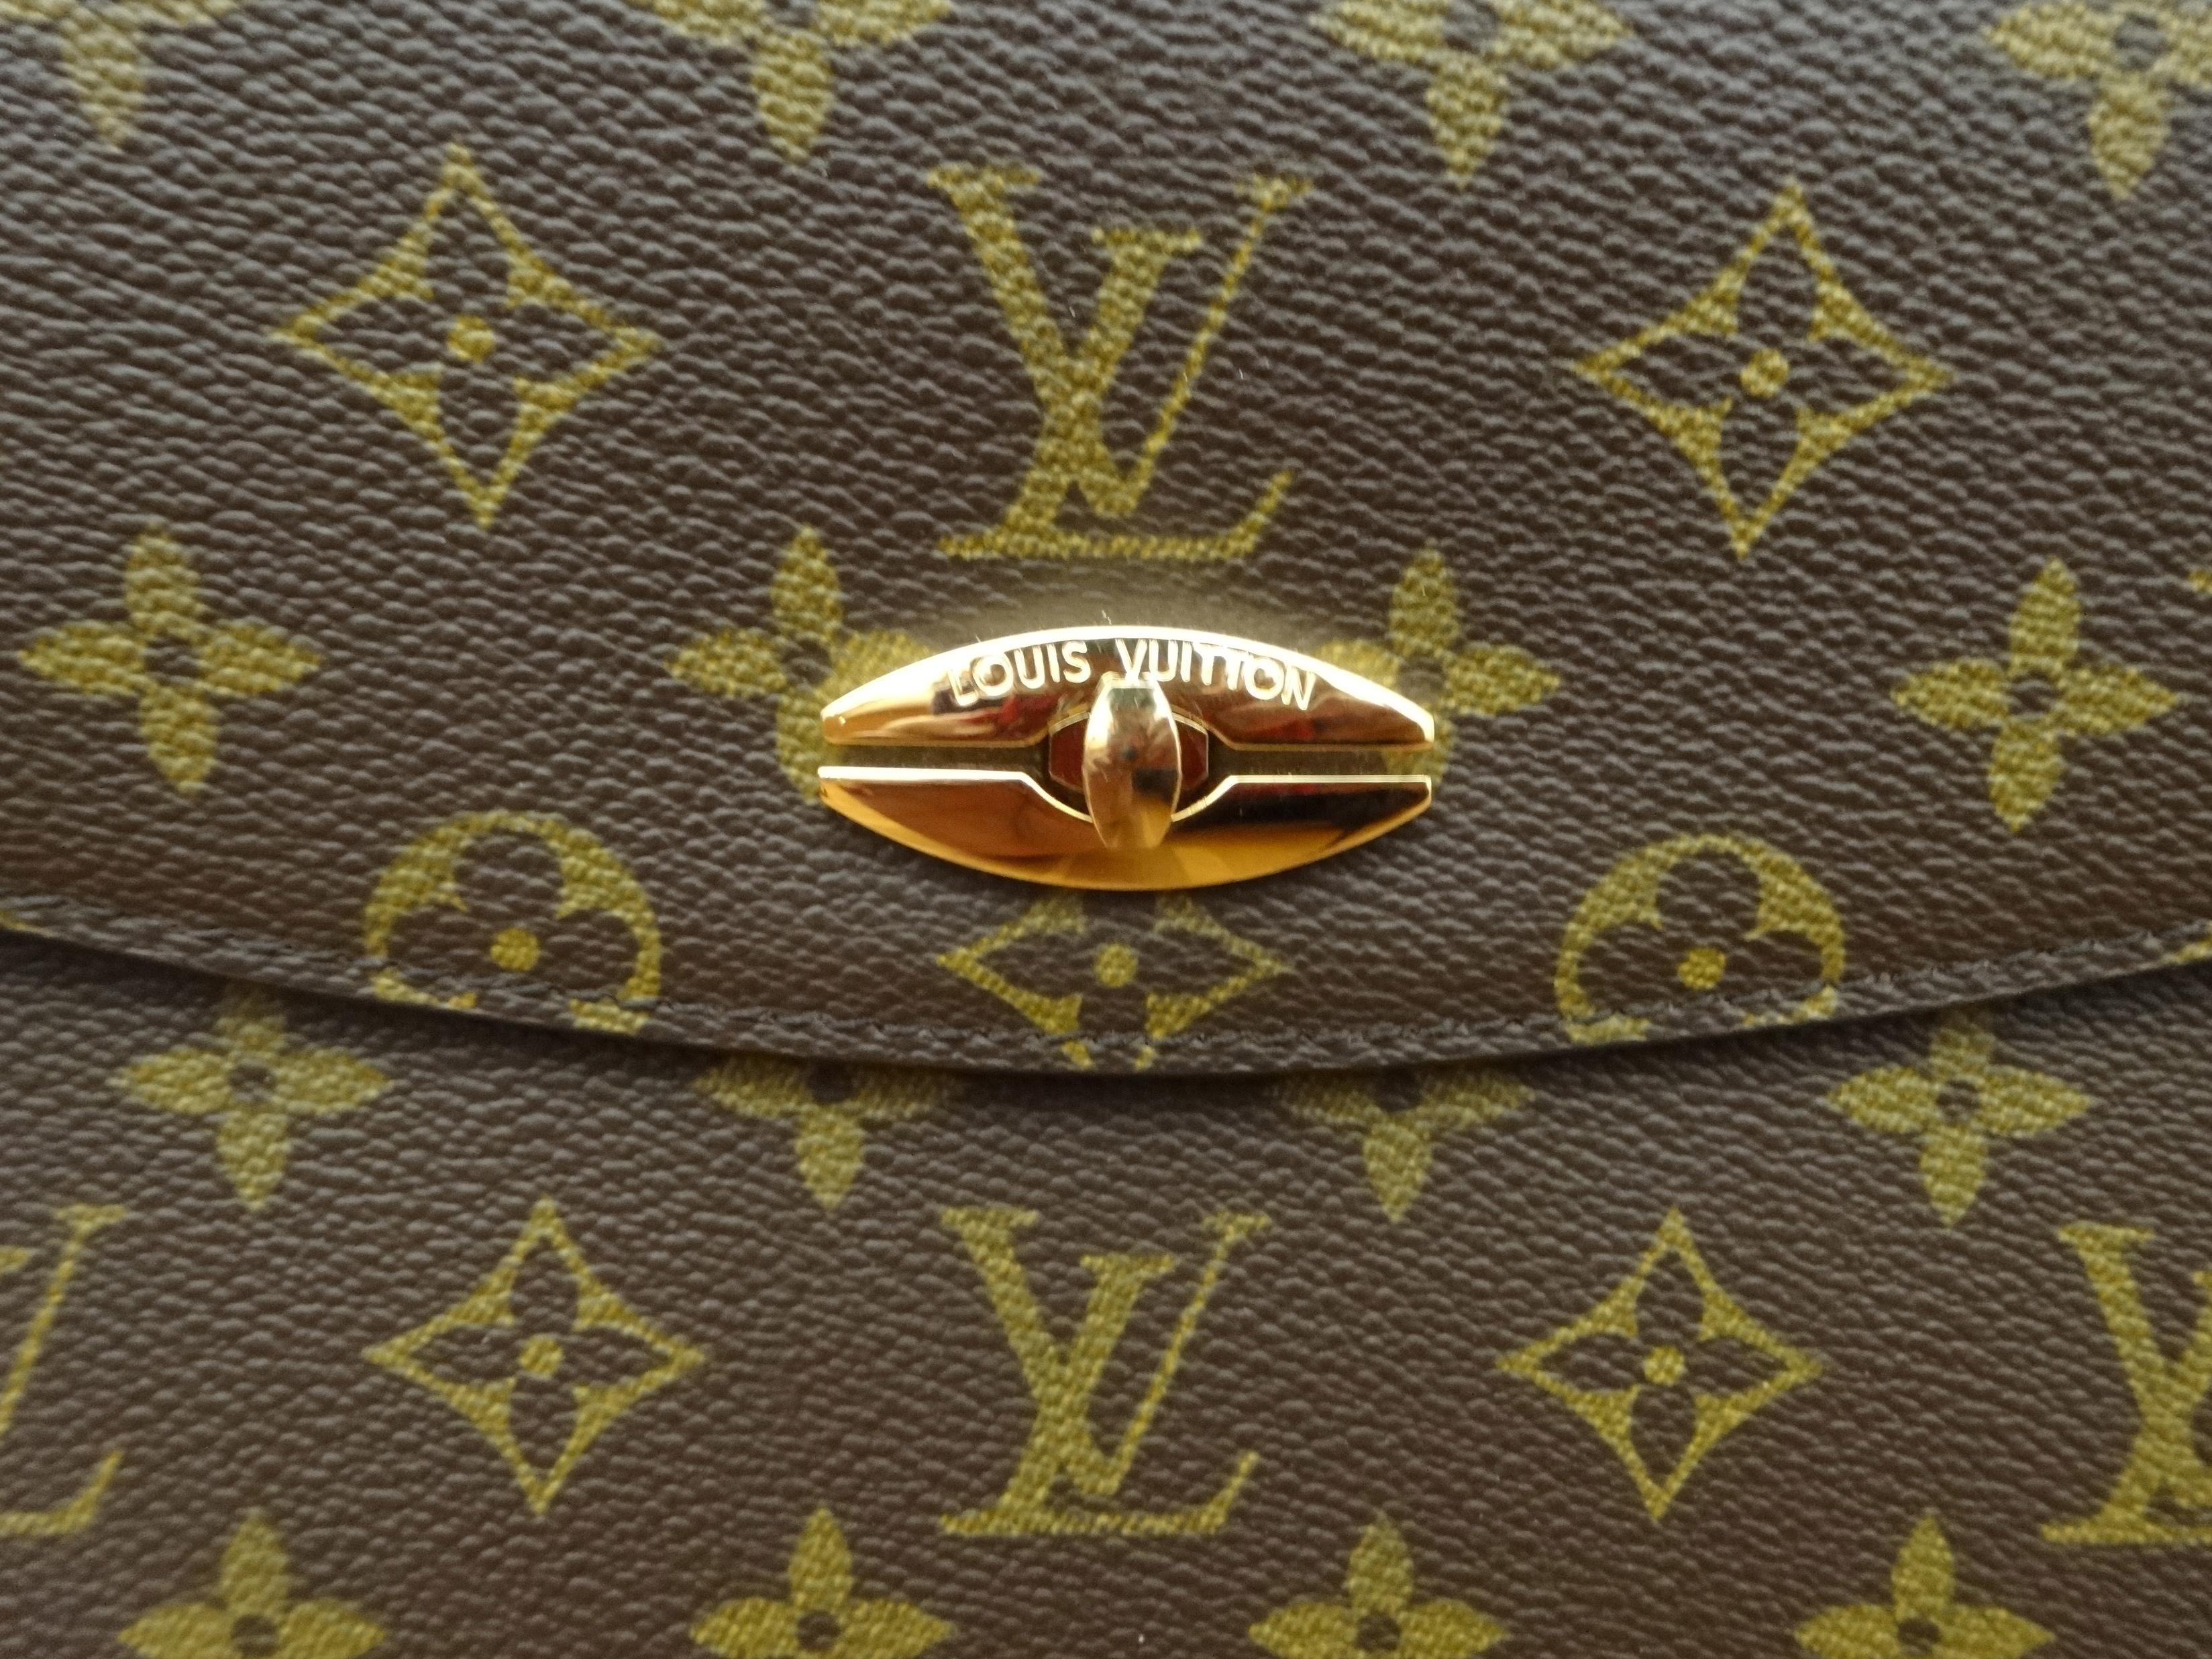 Louis Vuitton Monogram Malesherbes Detail